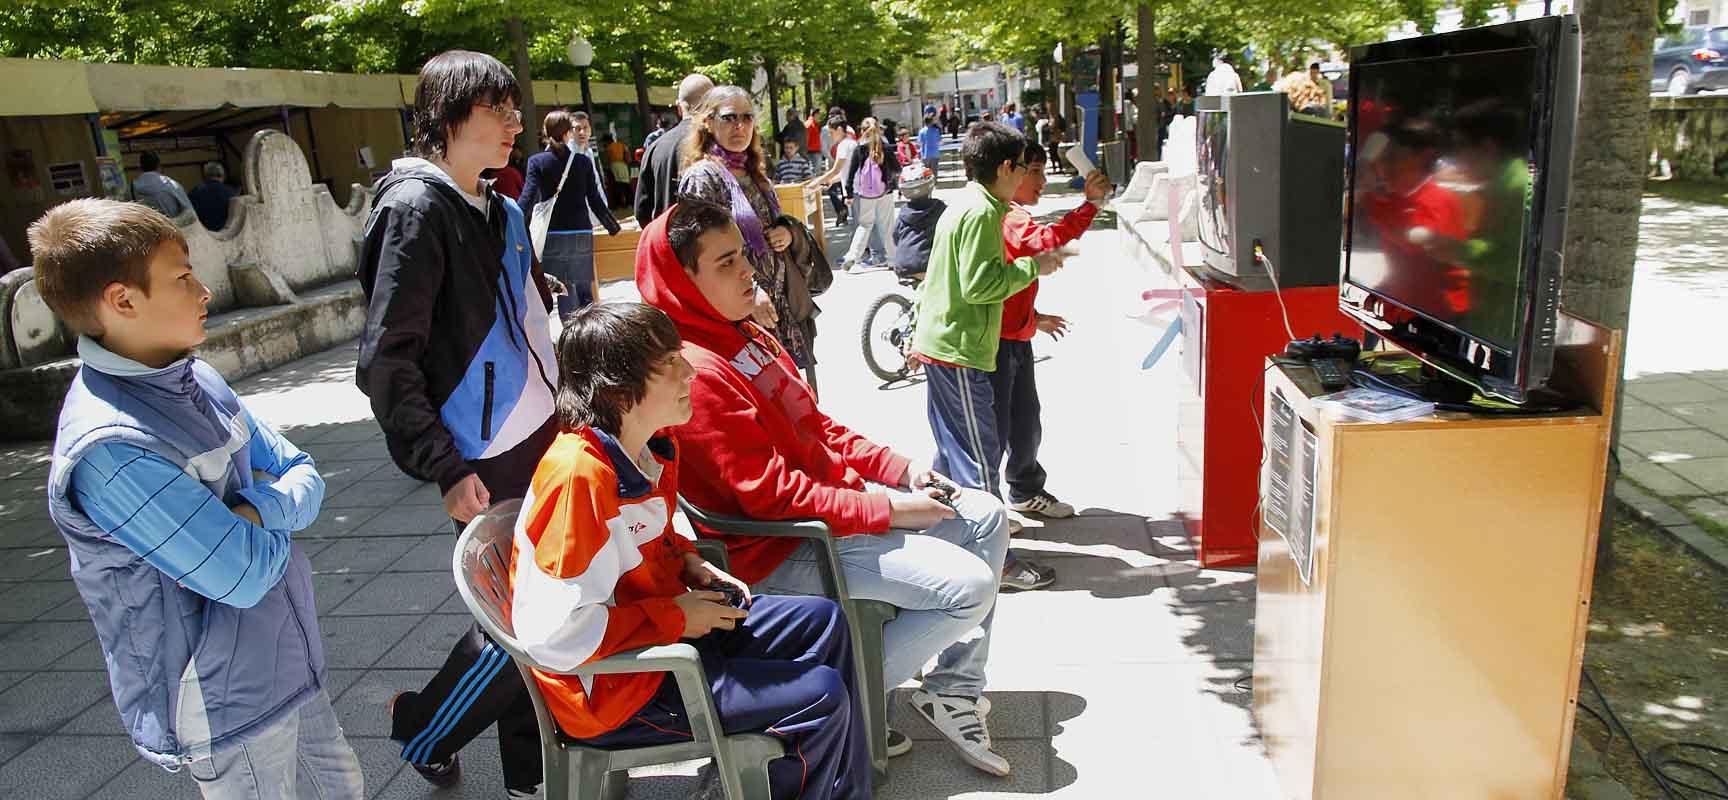 Los Paseos de San Francisco acogerán desde las 12.00 horas la Feria de la Juventud.